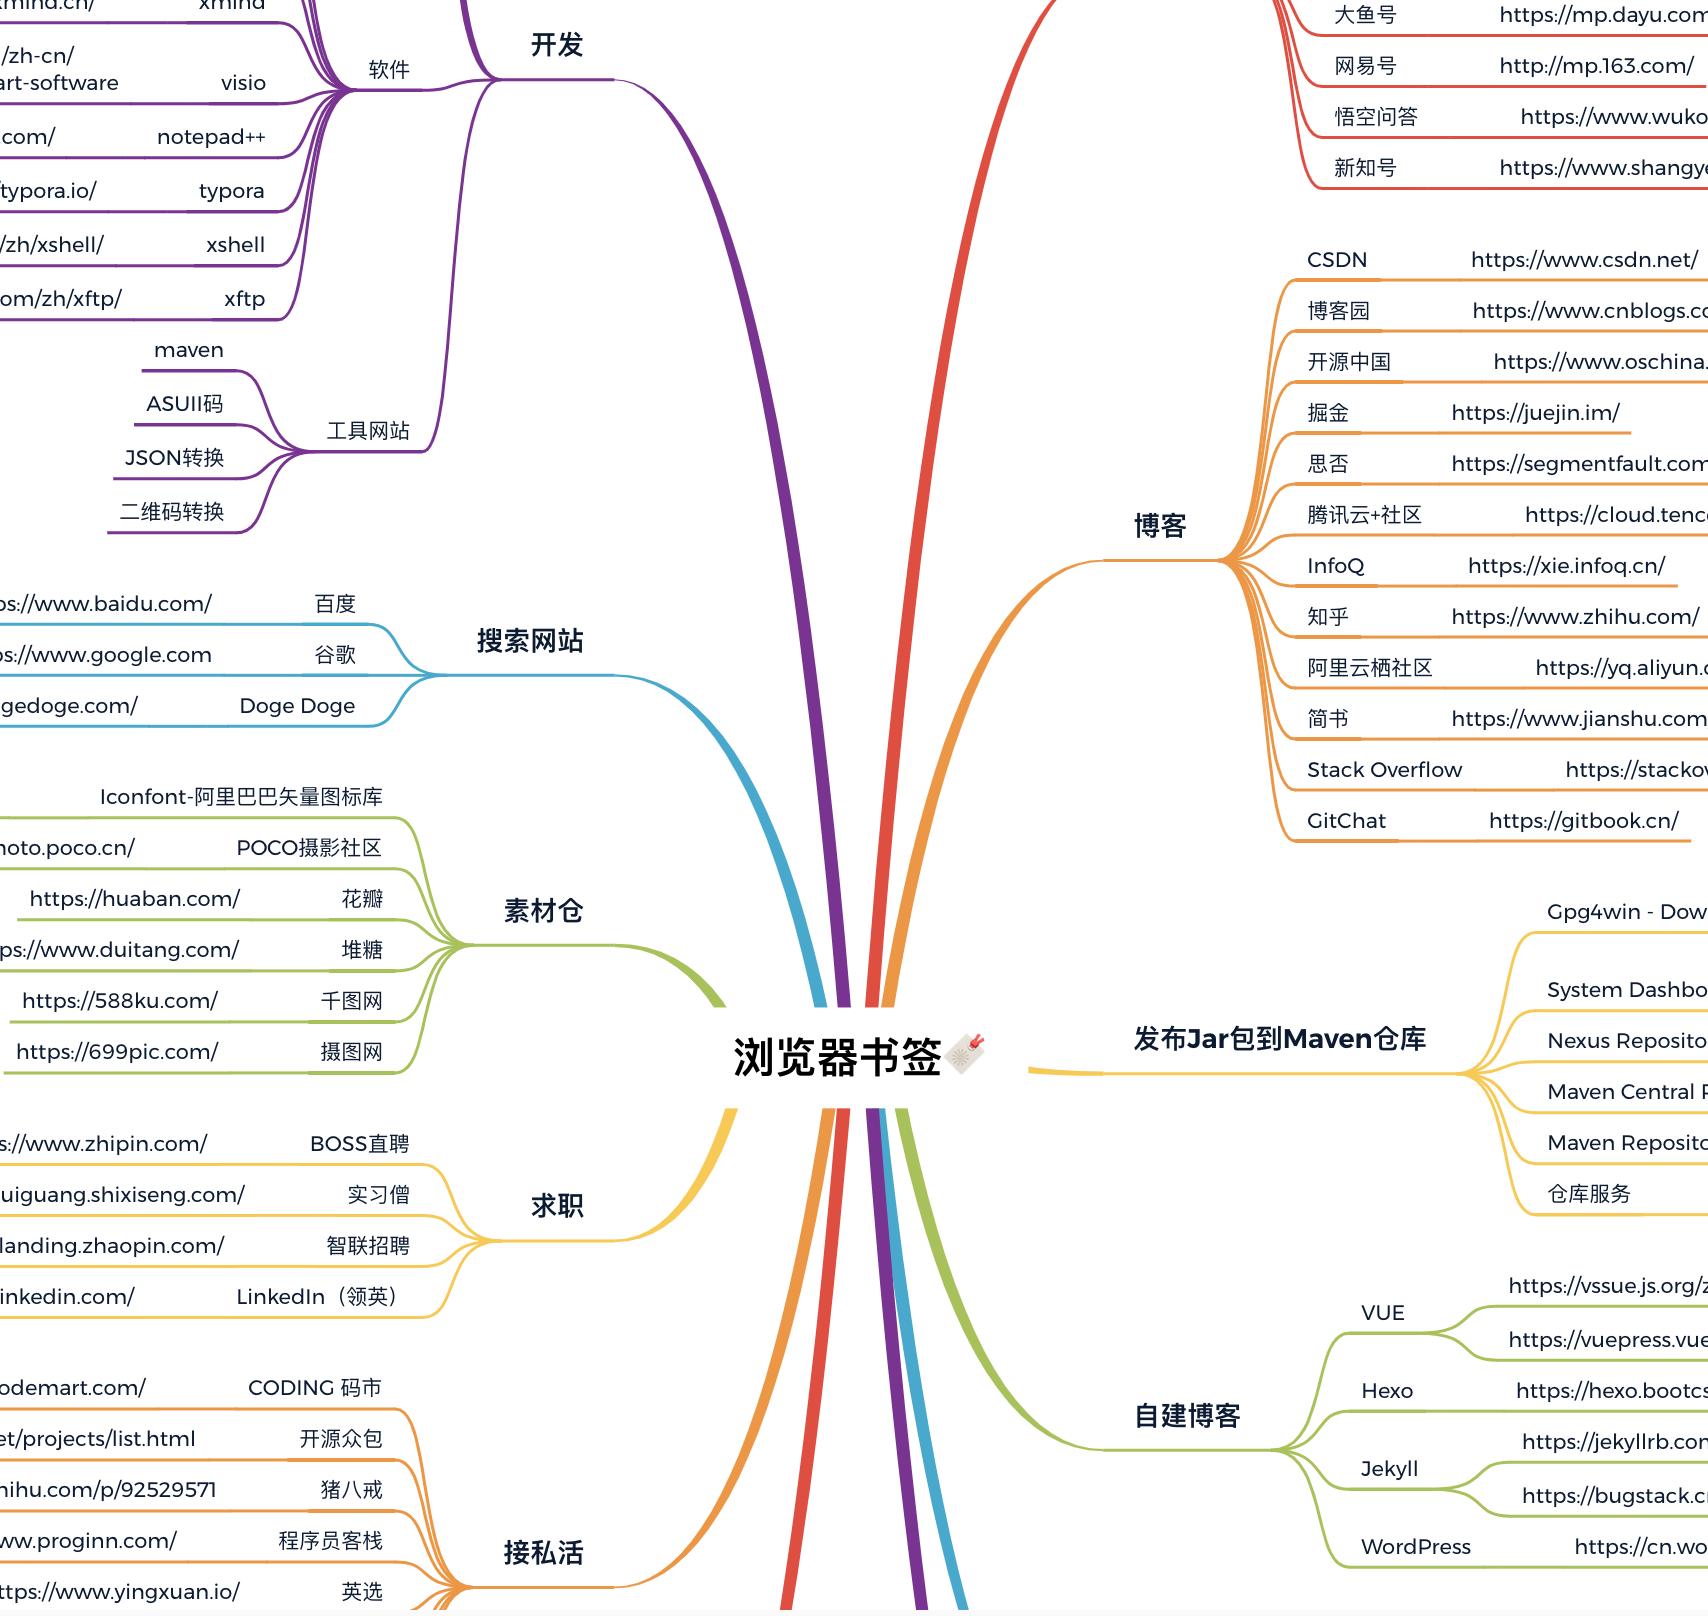 图 10-1 程序员的书签列表